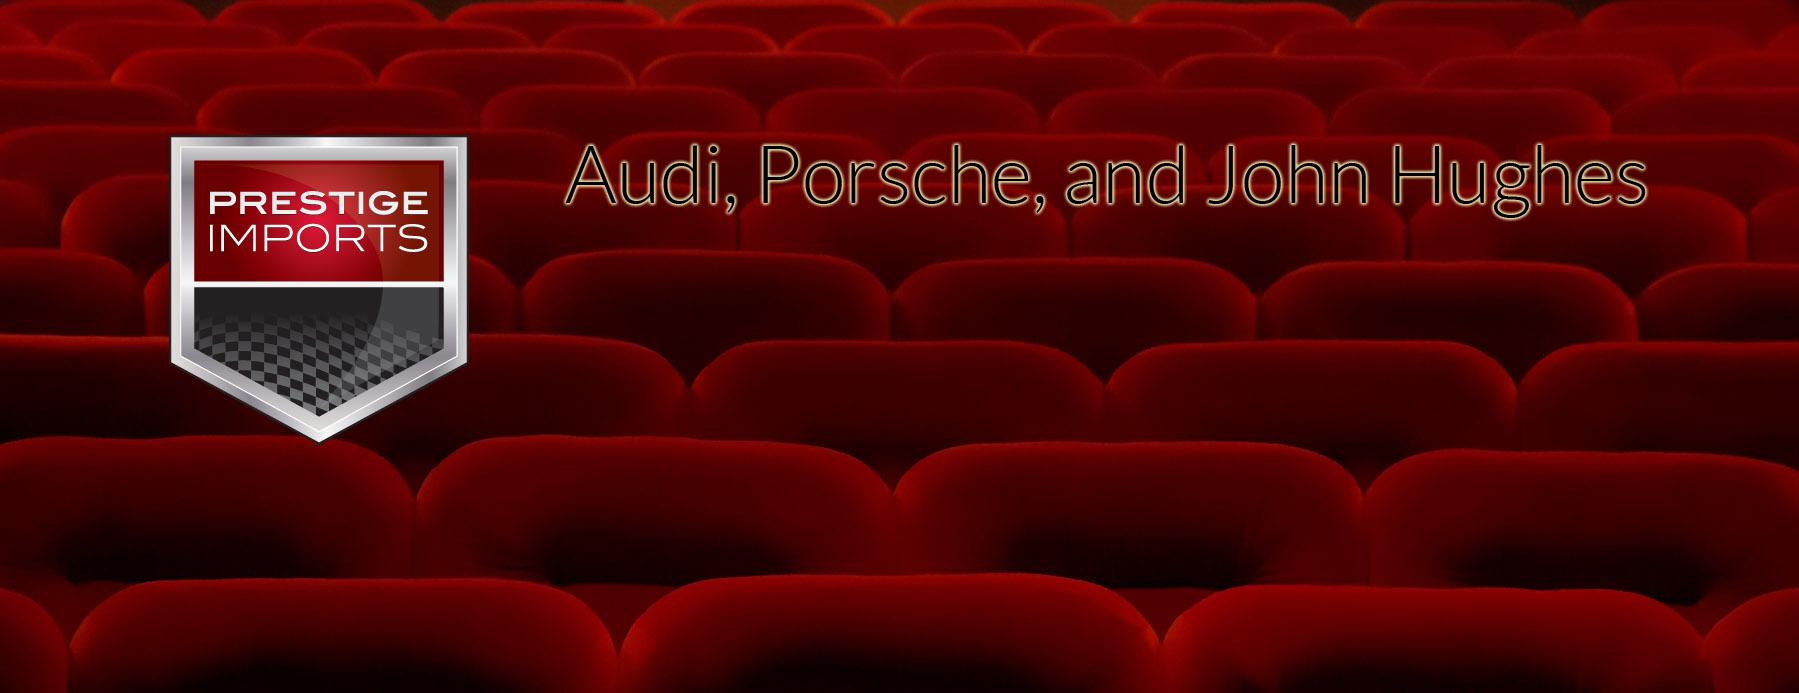 Audi, Porsche, and John Hughes